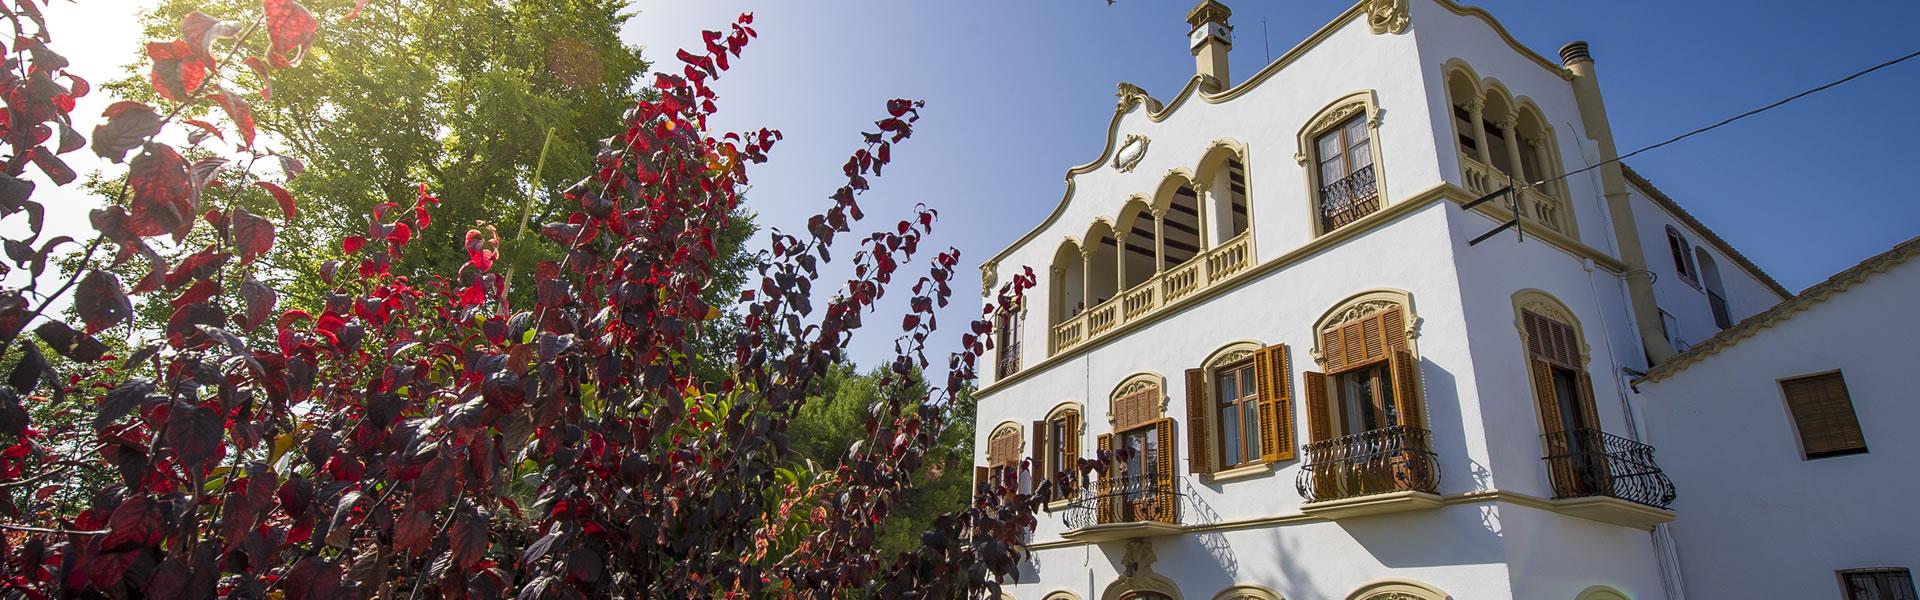 Casa modernista Bolet hotel rural